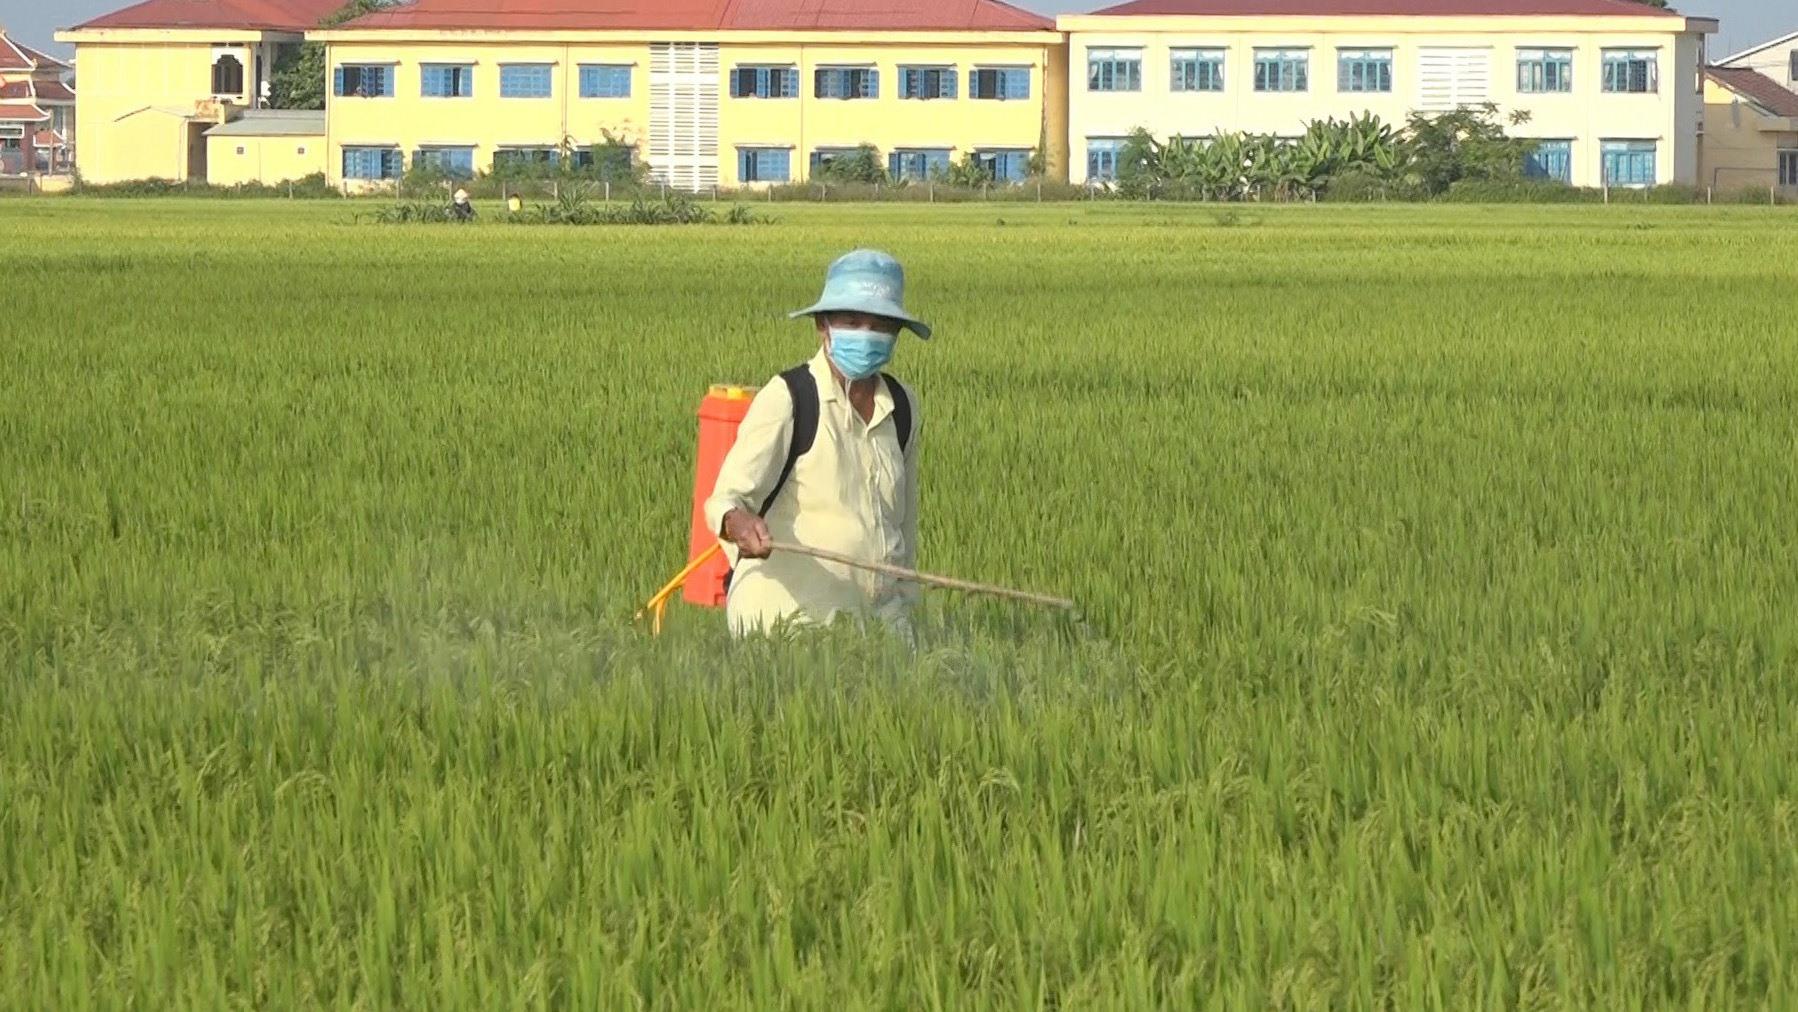 Nông dân Thăng Bình phun thuốc phòng trừ sâu bệnh. Ảnh: M.T